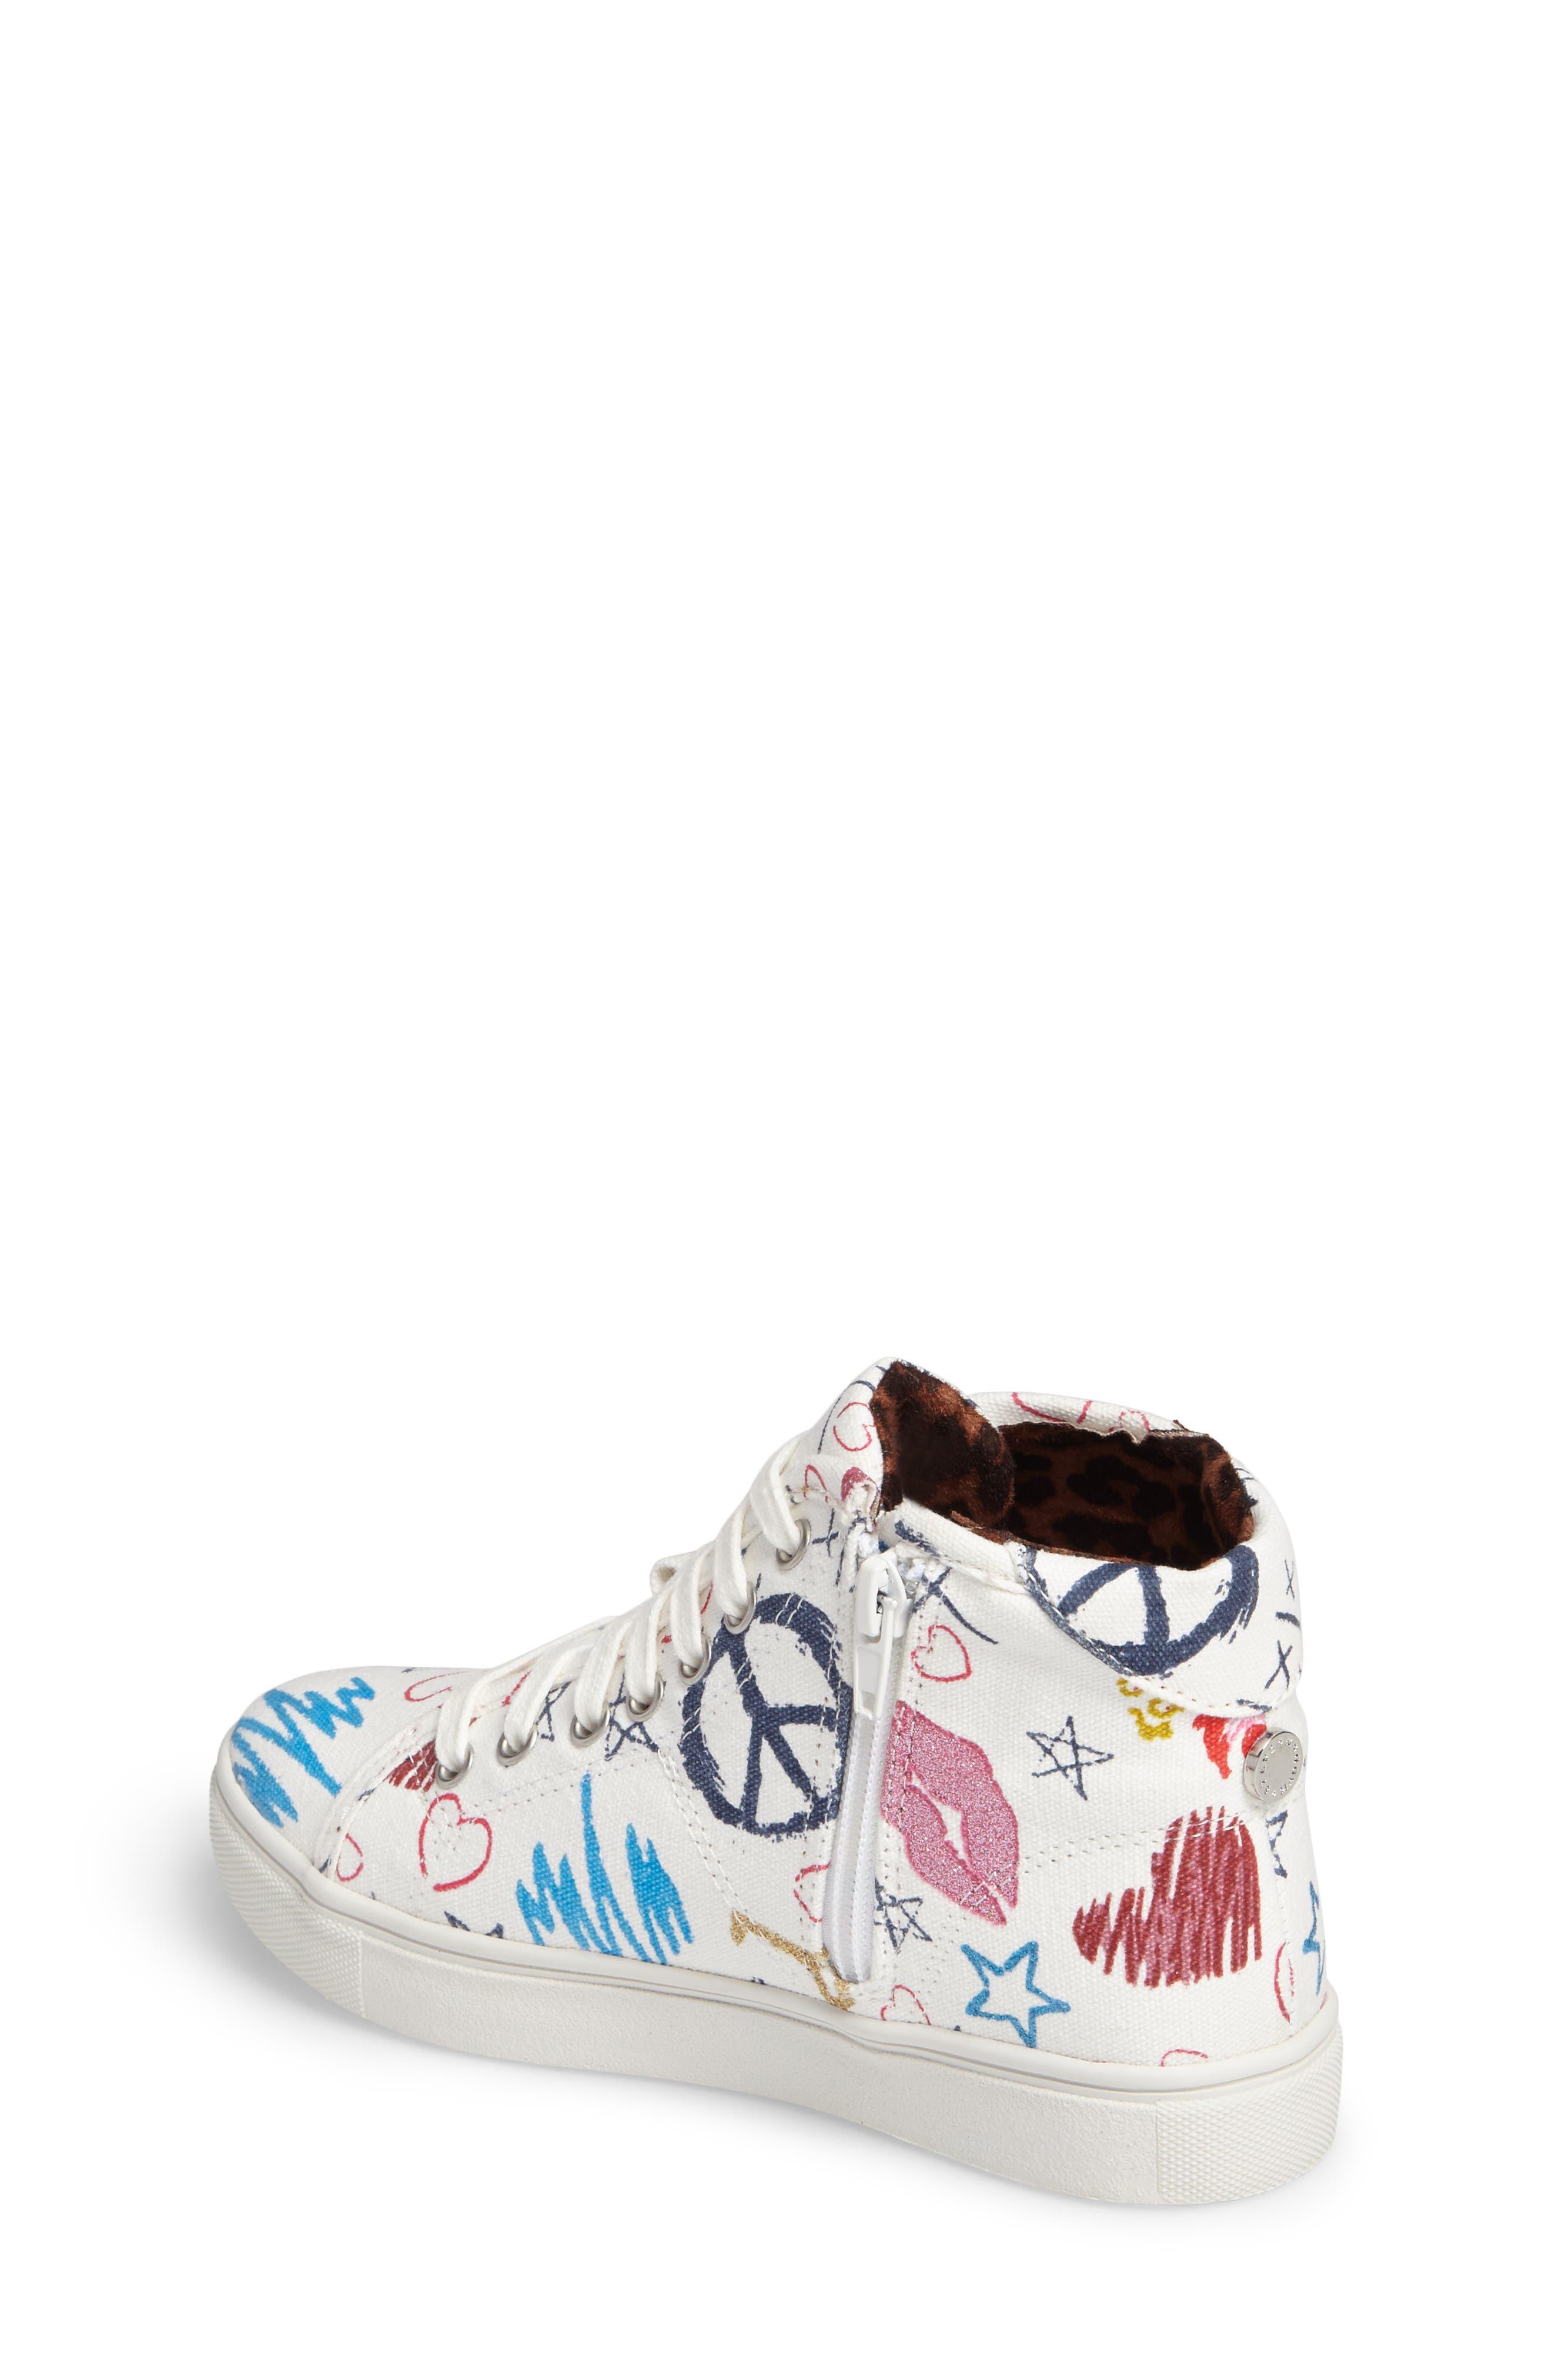 JScribble High Top Sneaker,                             Alternate thumbnail 2, color,                             White